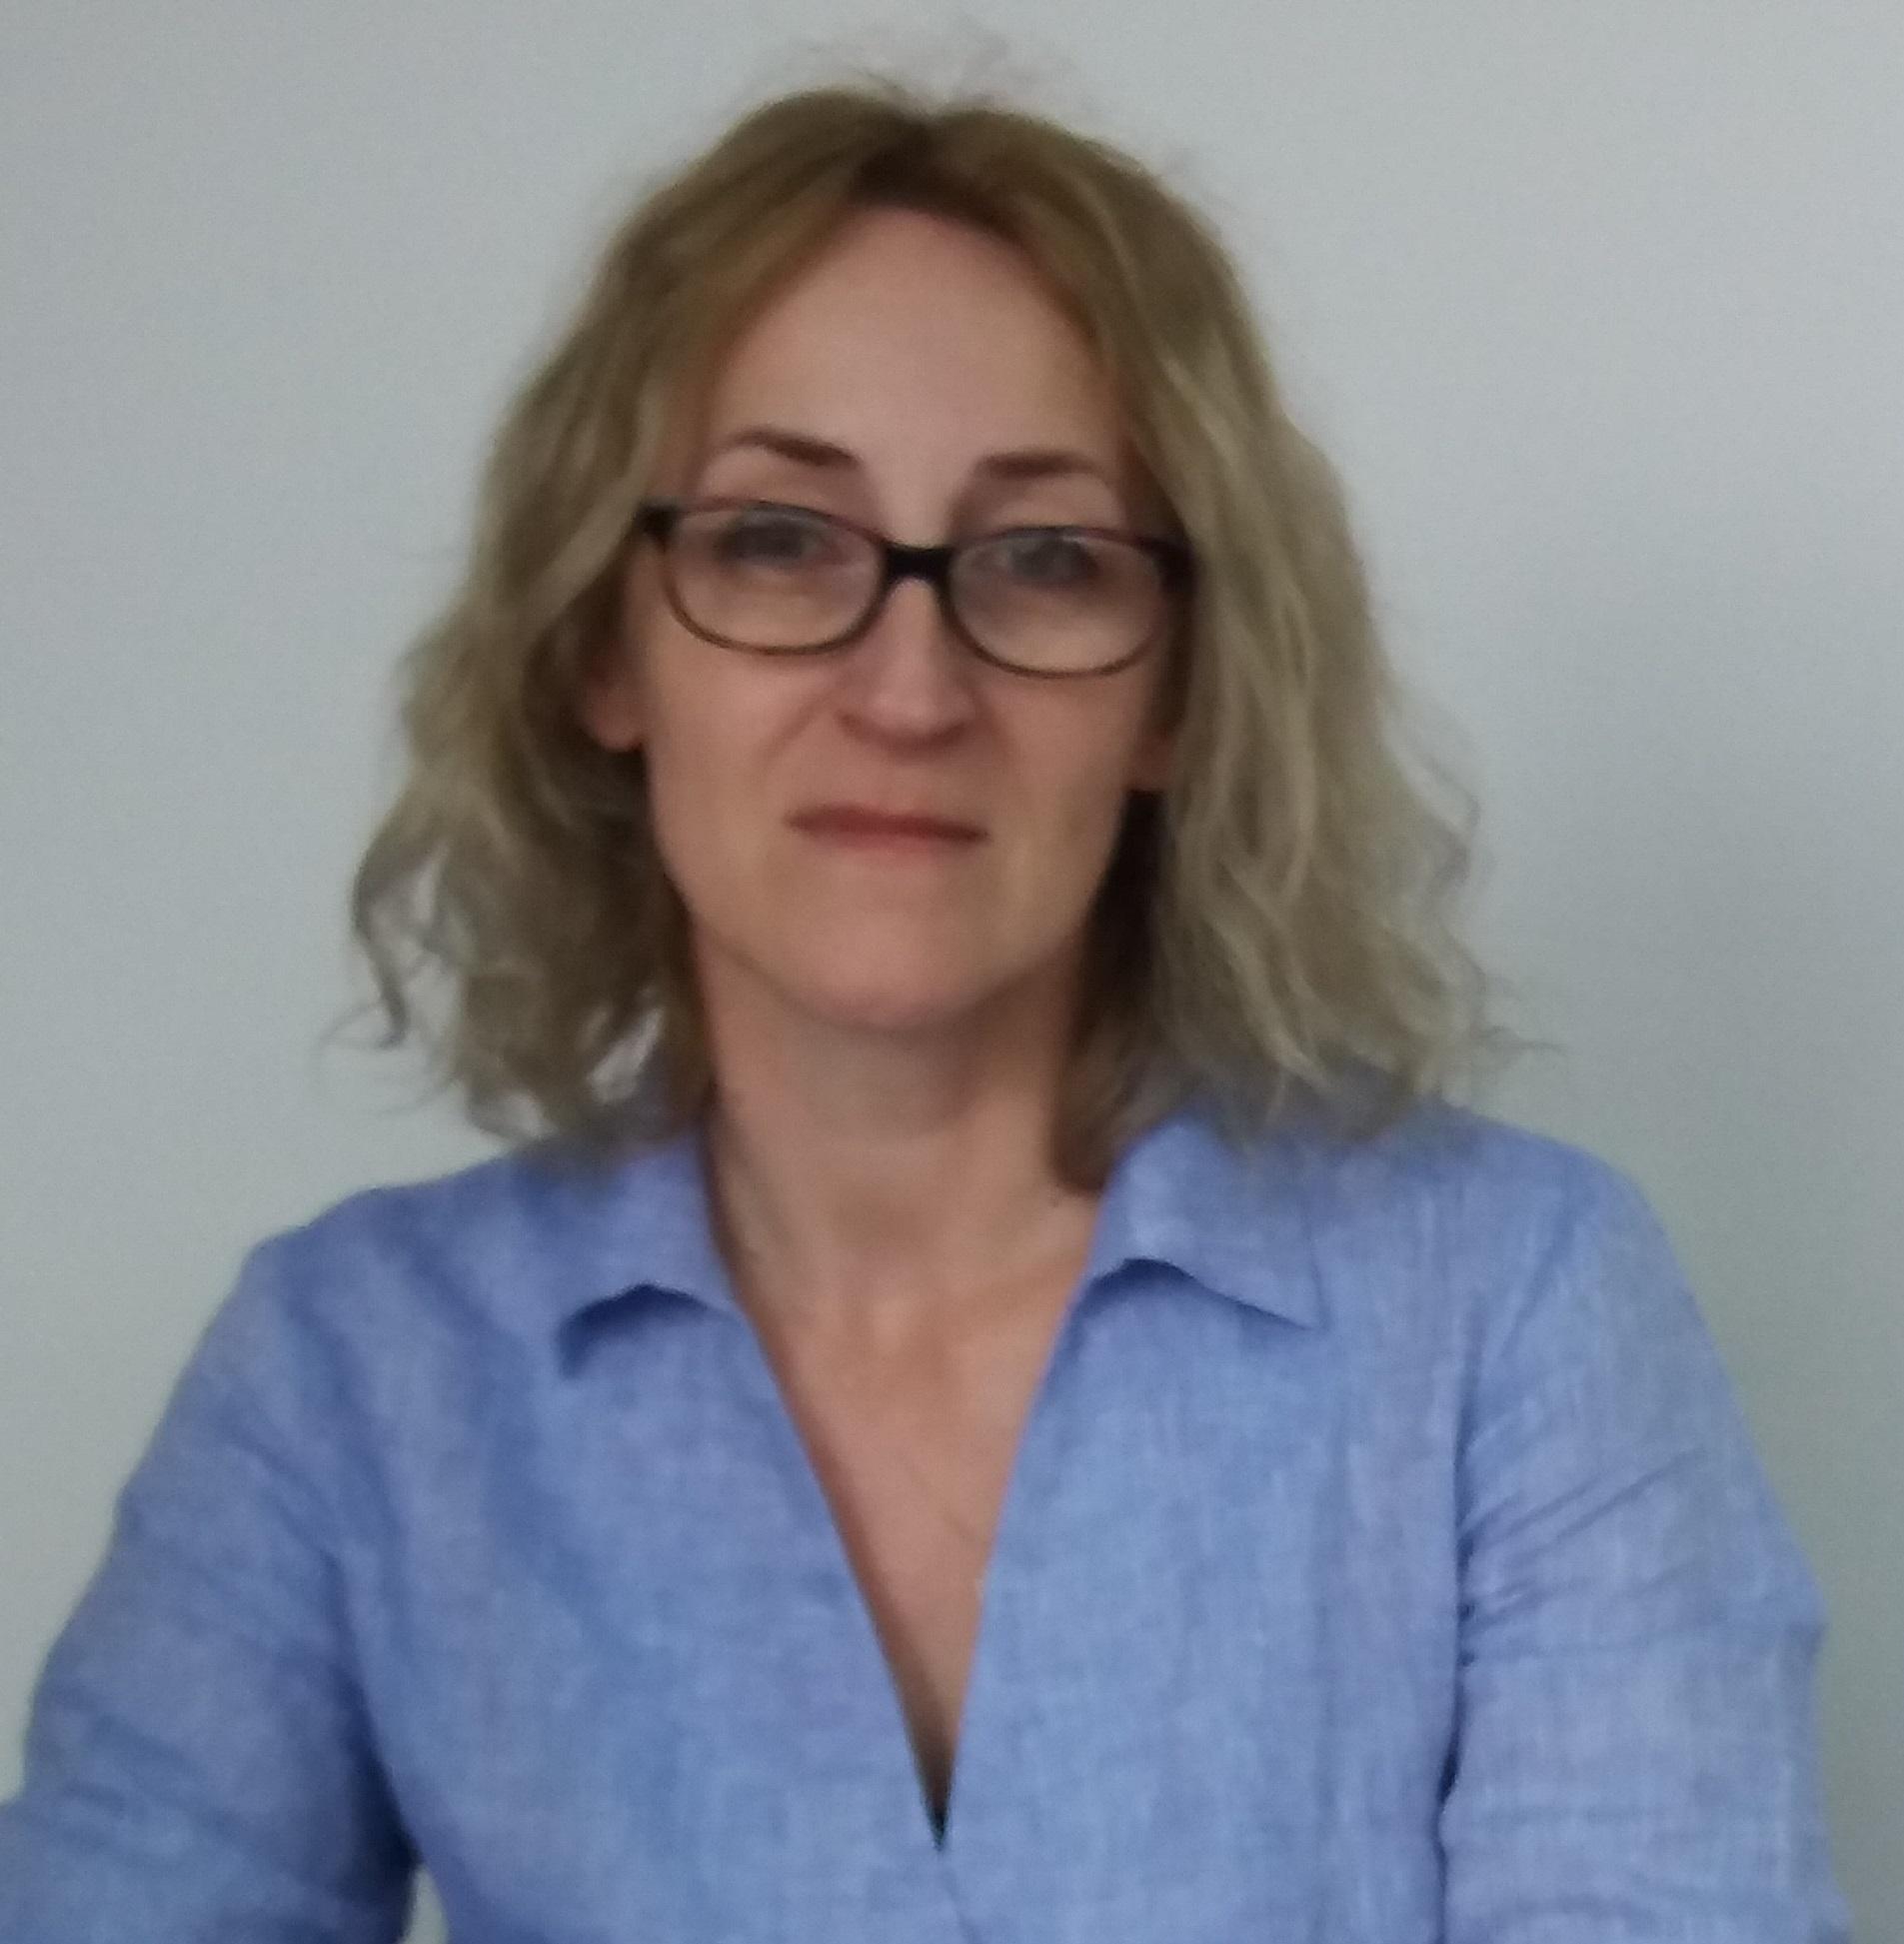 Cristina Cret